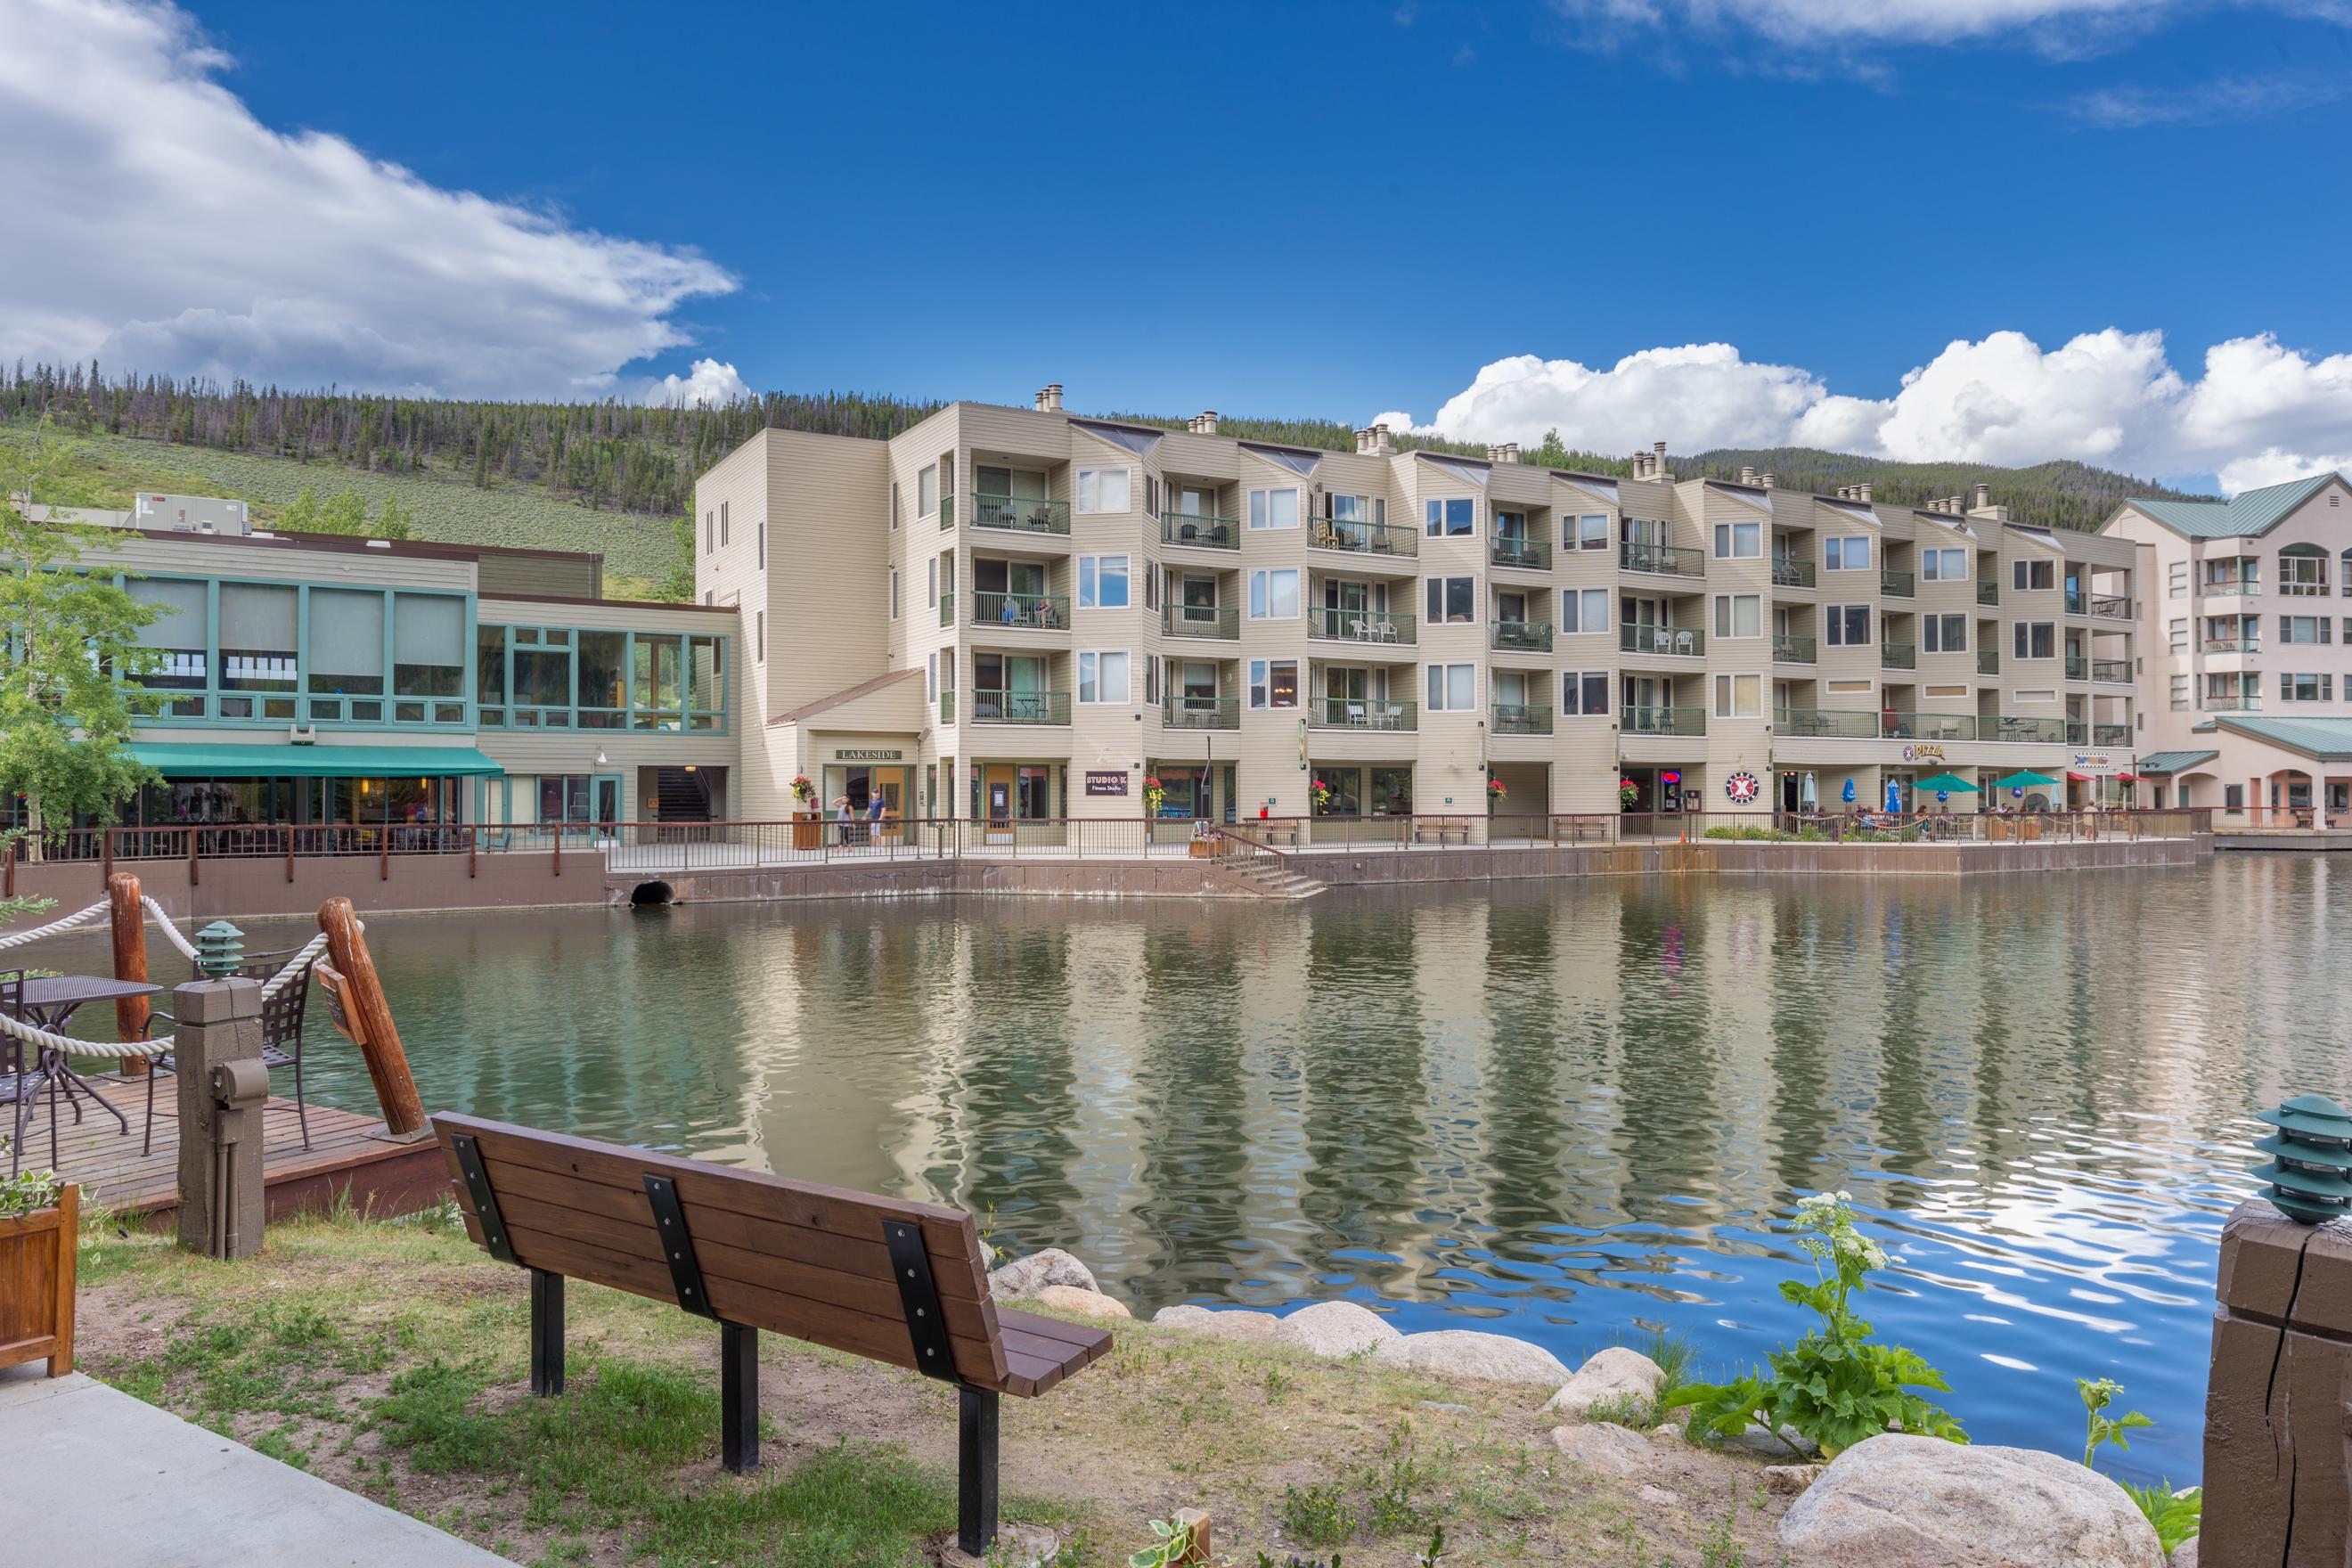 Lakeside in Keystone